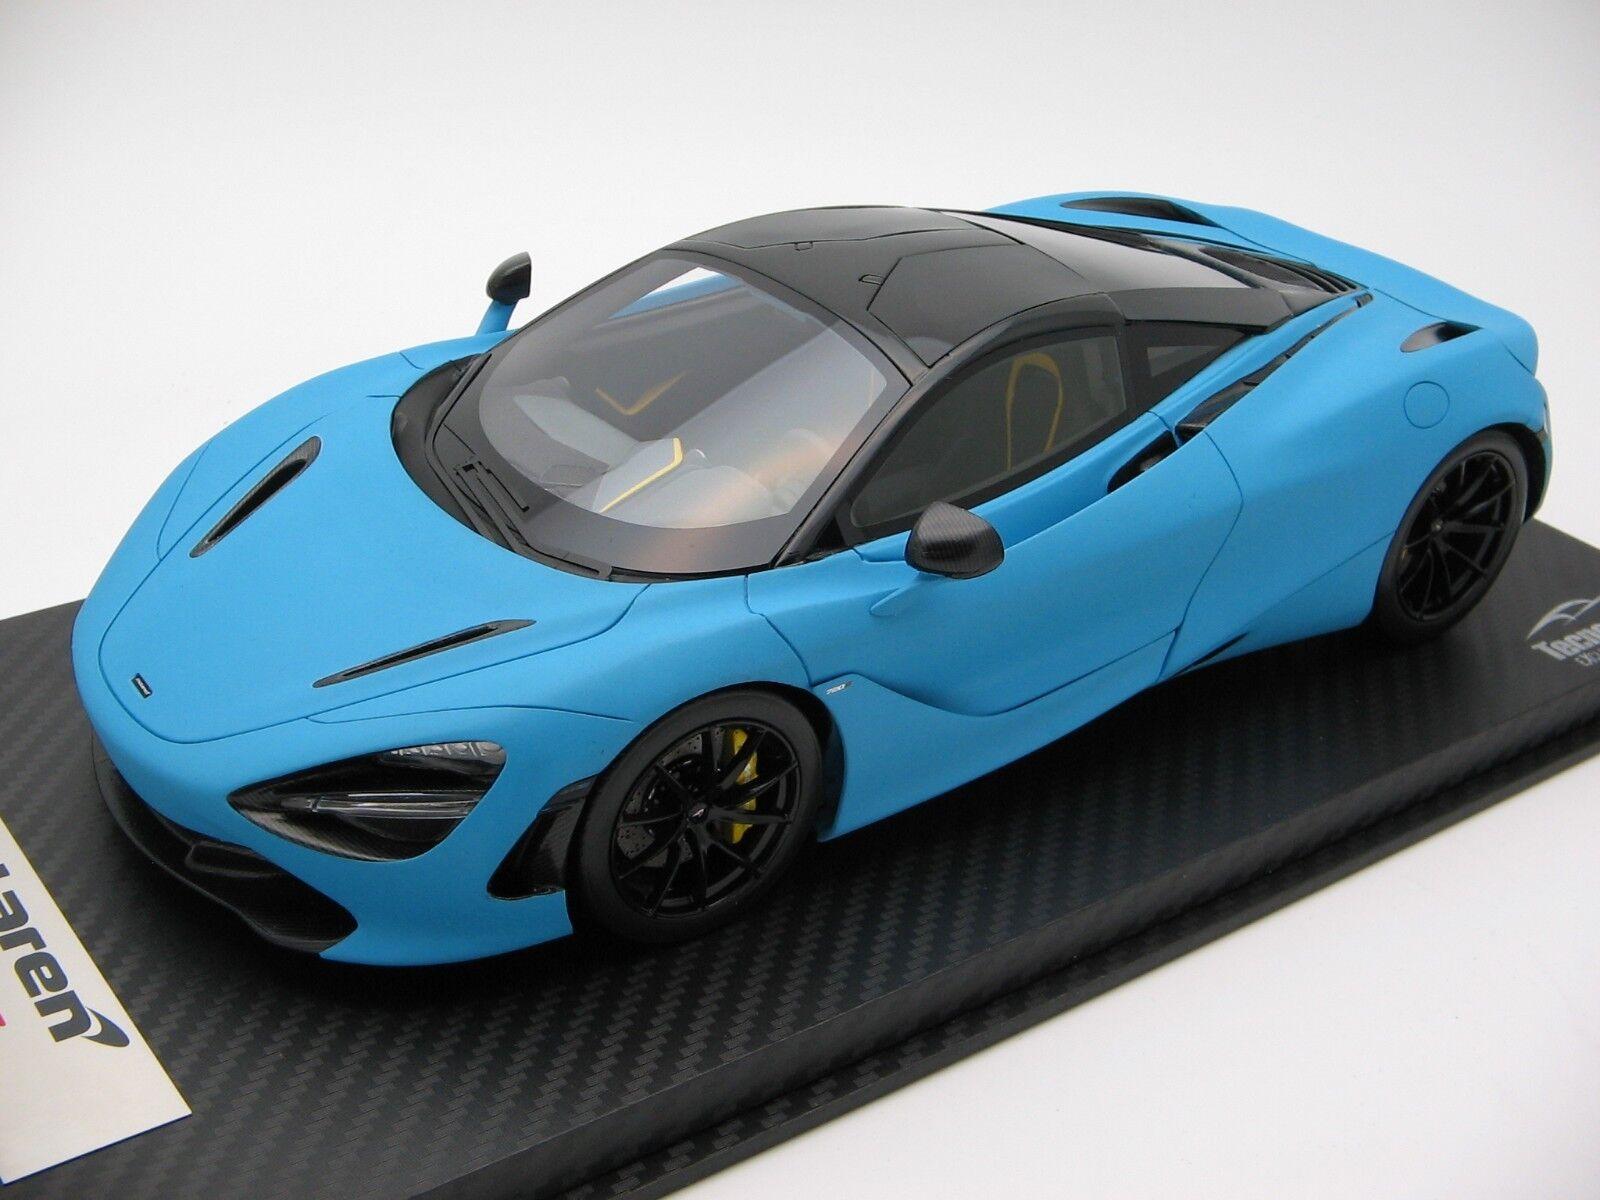 1/18 scale Tecnomodel McLaren 720S Baby blu Matt effect 2017 T18-EX06C